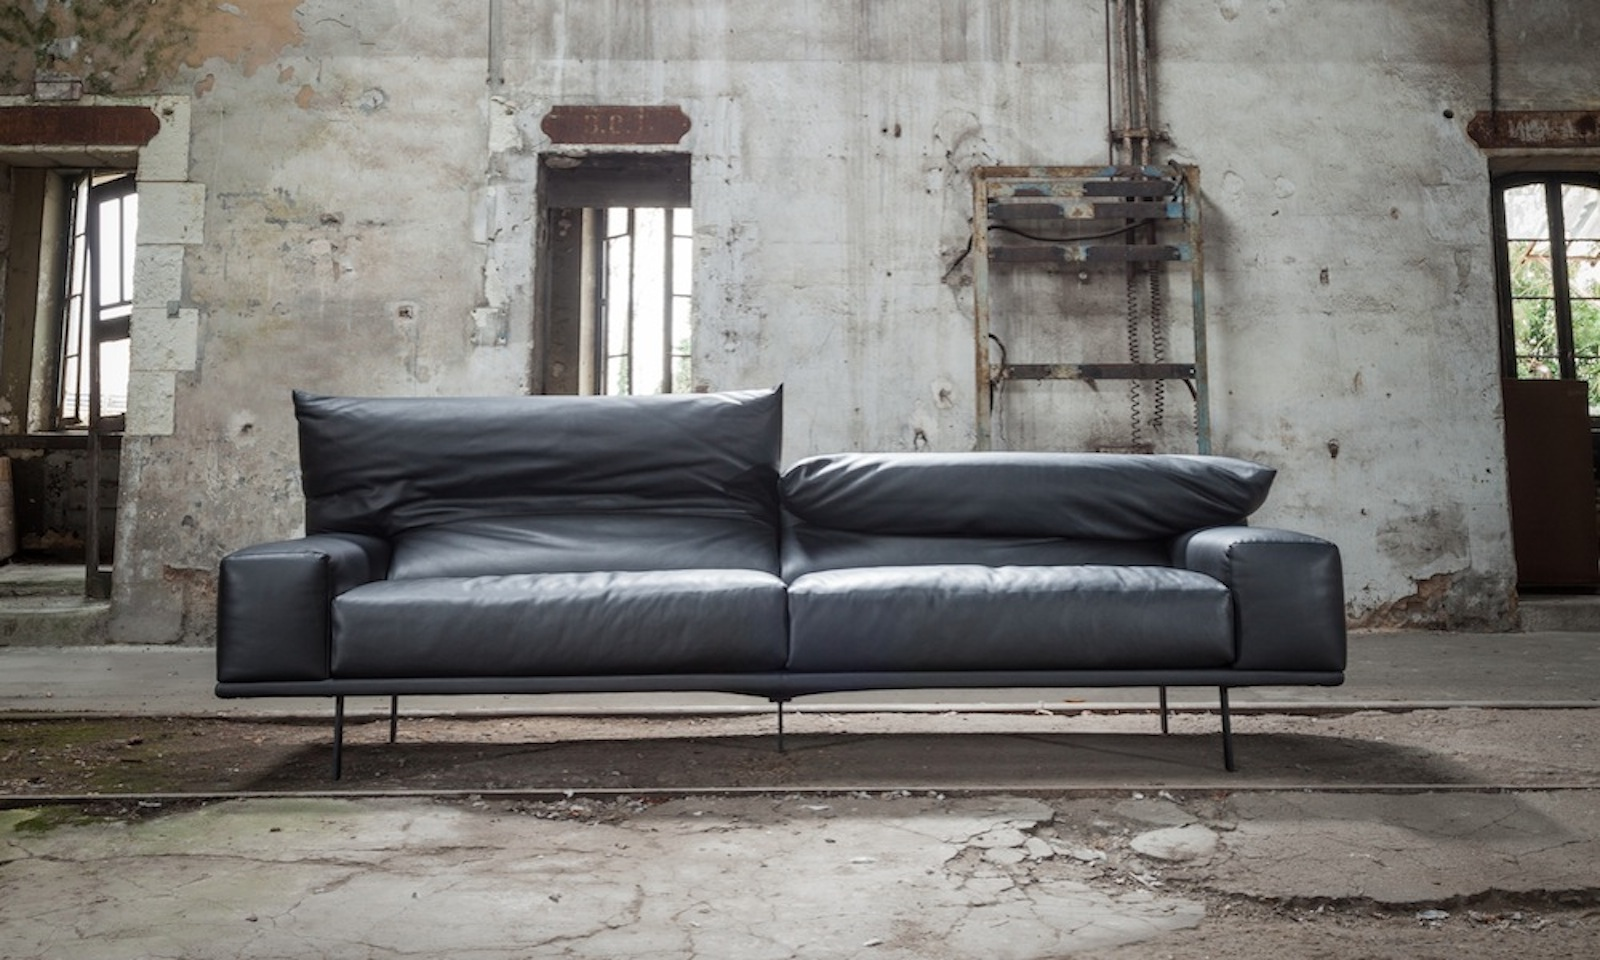 nos archives magasin de meubles design lyon ameublement et d coration lyon espace ferano. Black Bedroom Furniture Sets. Home Design Ideas